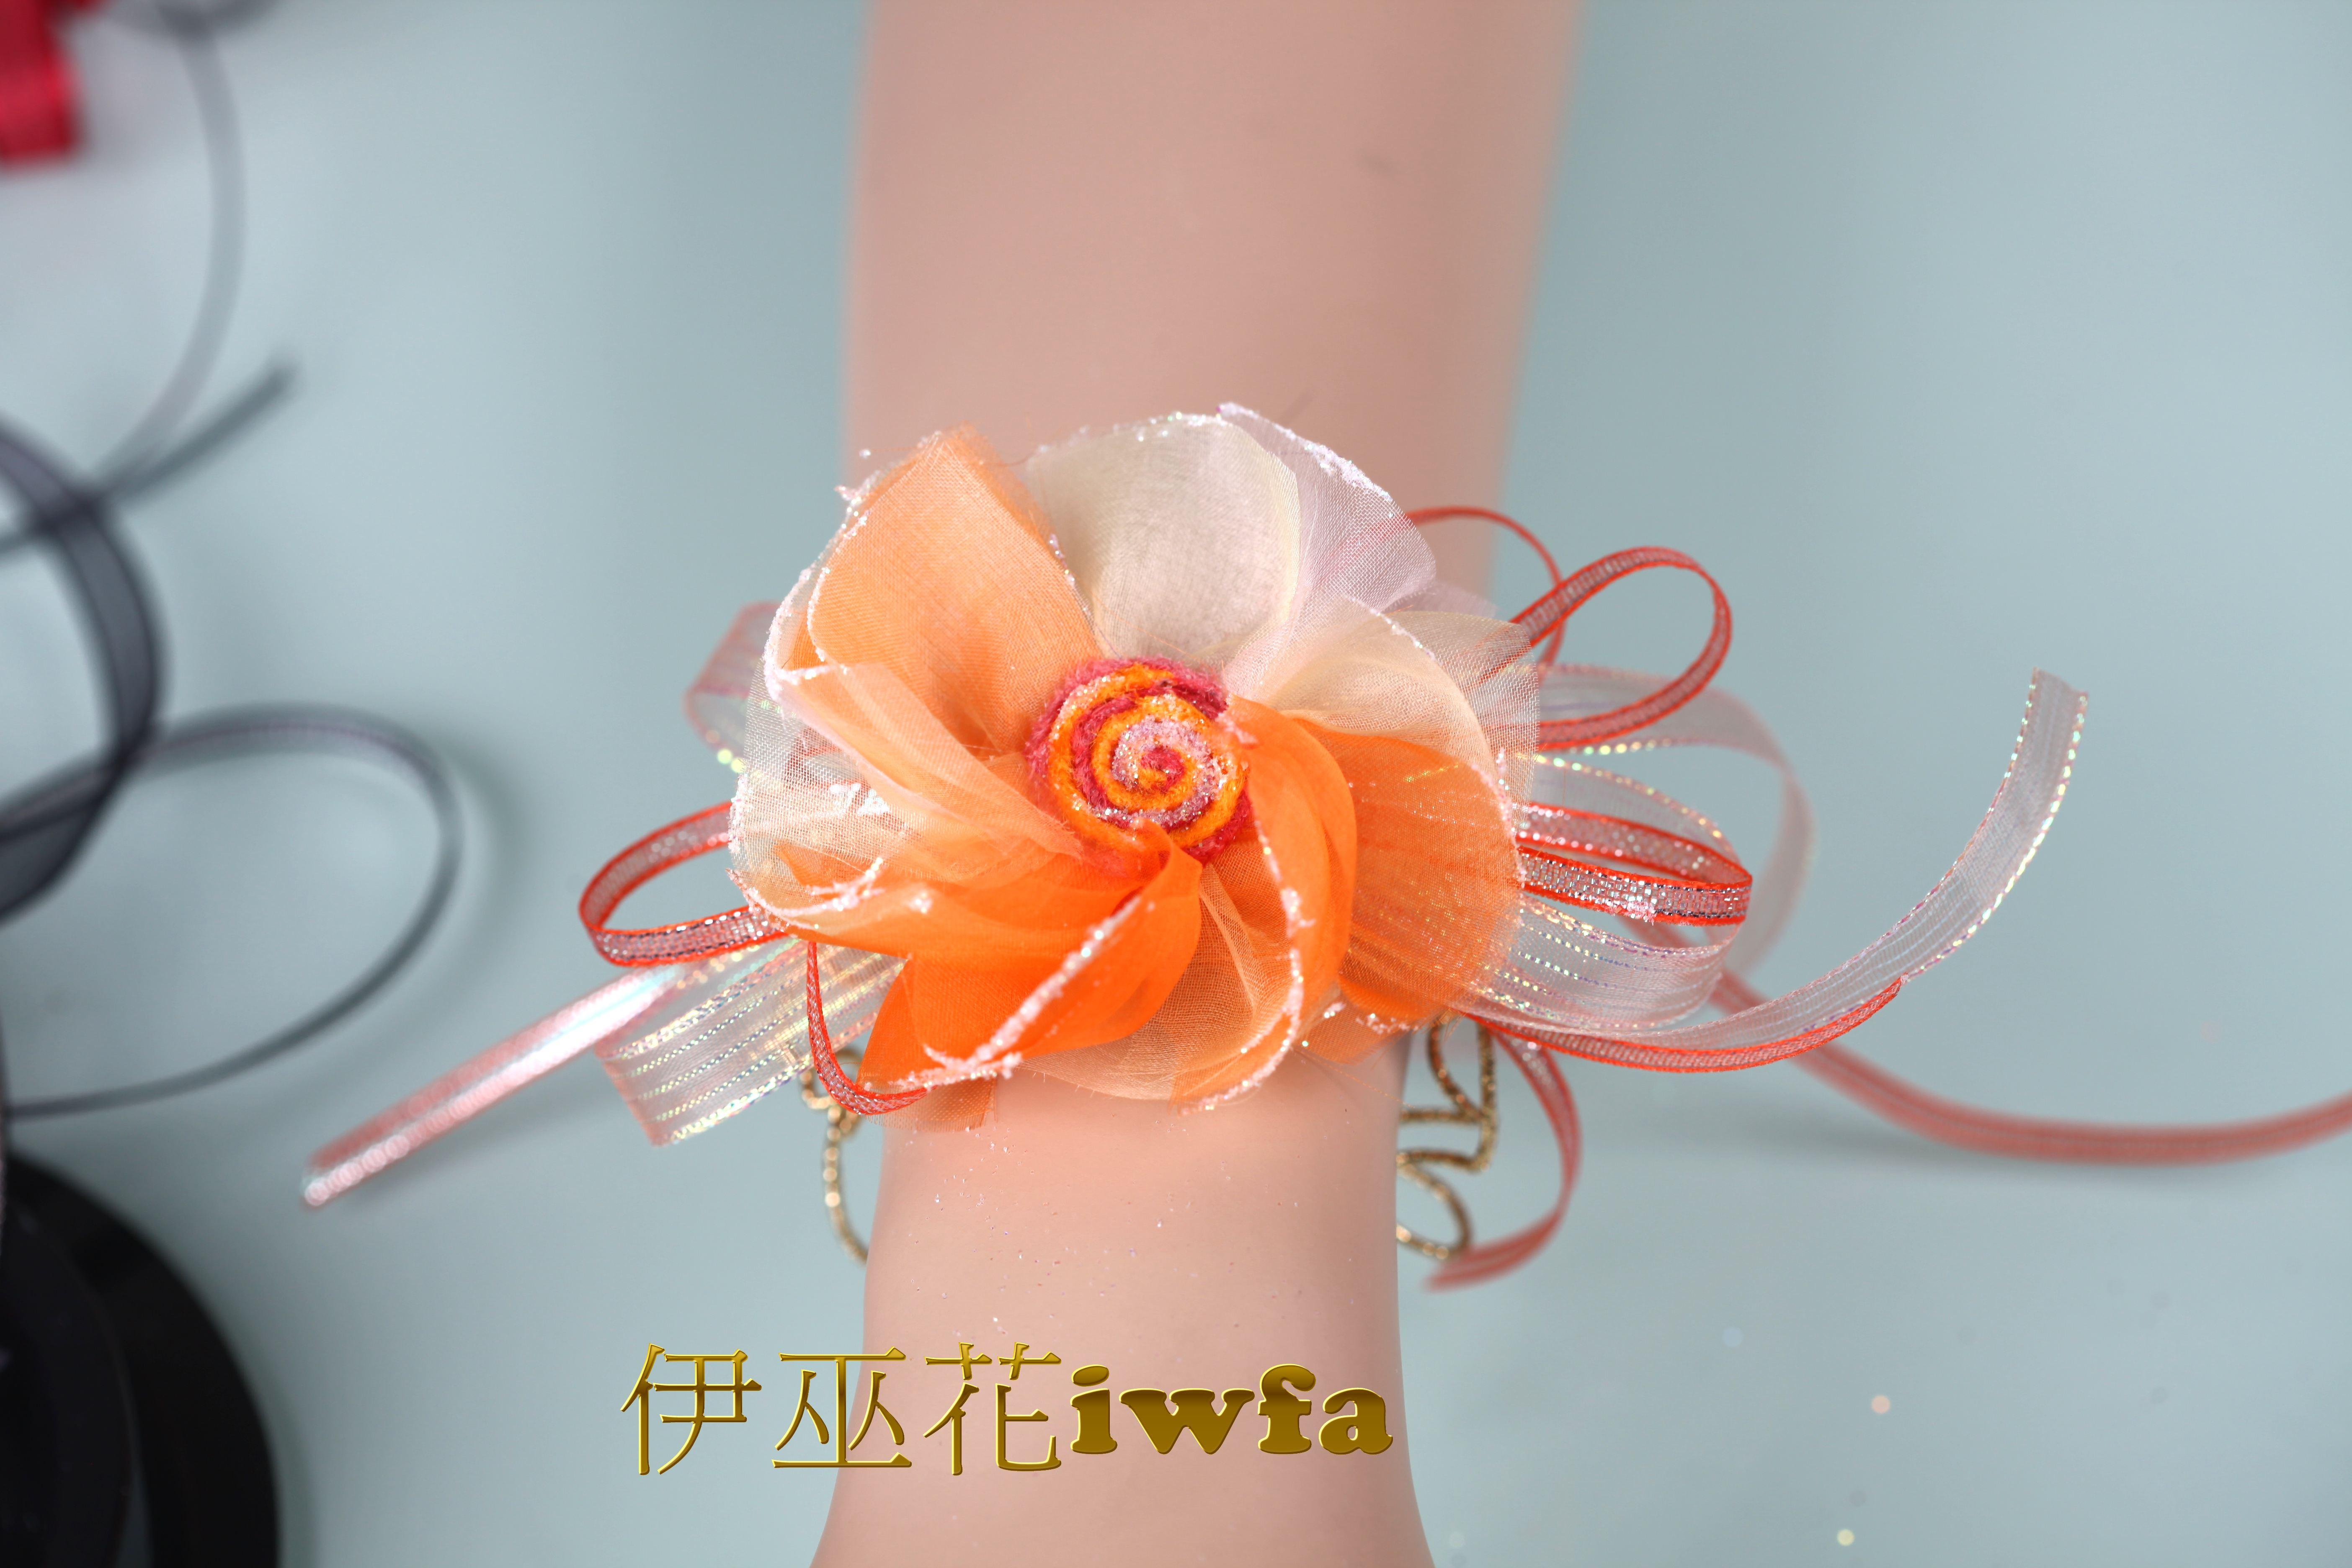 WR015-06 抽象向日葵-橙色+淡金黃